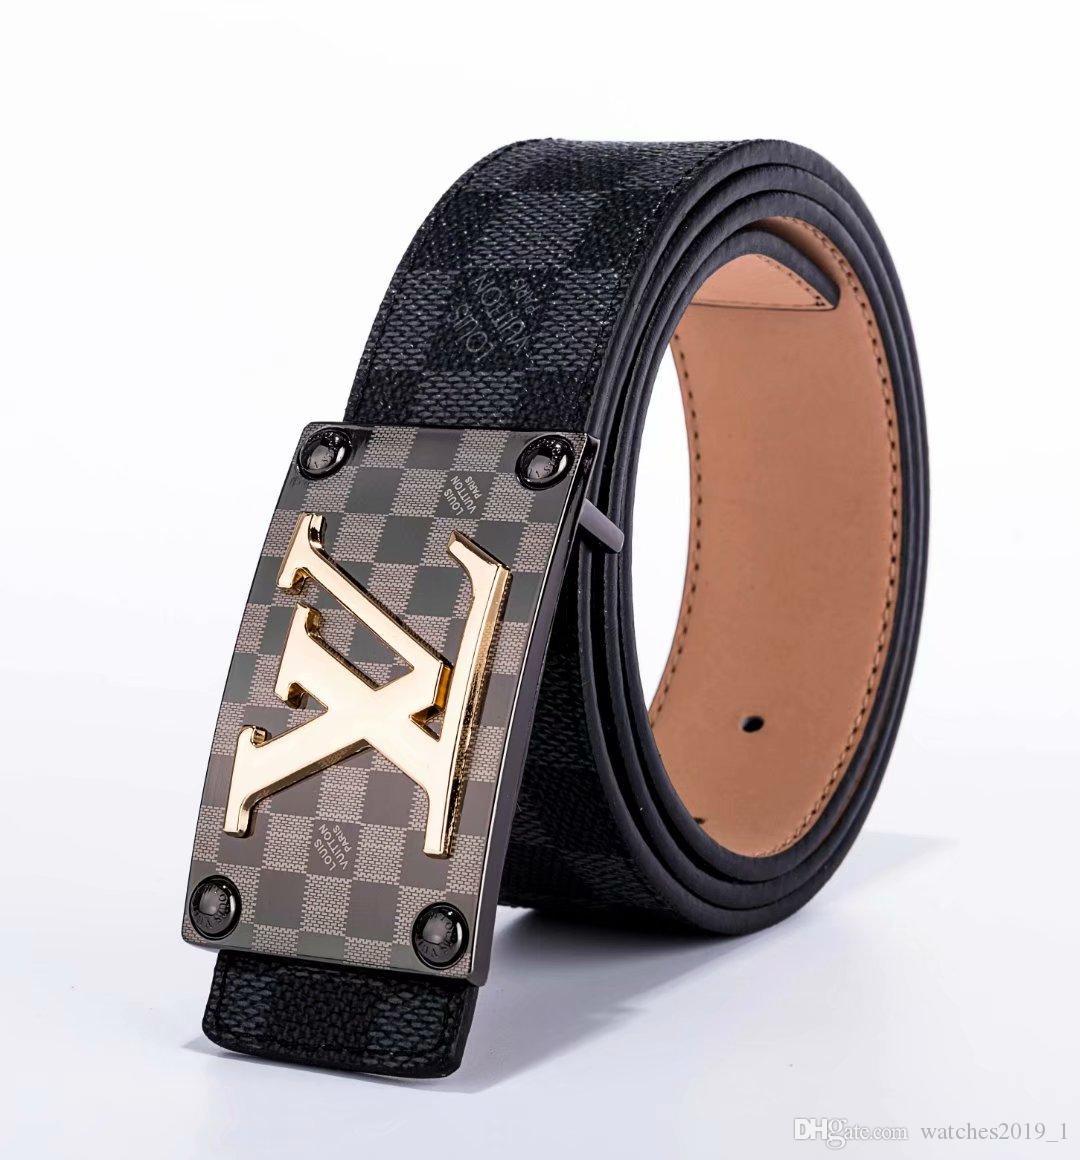 2020 Designer Gürtel für Männer Luxus männliche Gürtel Lederriemen Frauen Gürtel Marke Gold Silber Druckbuchstaben Schnalle